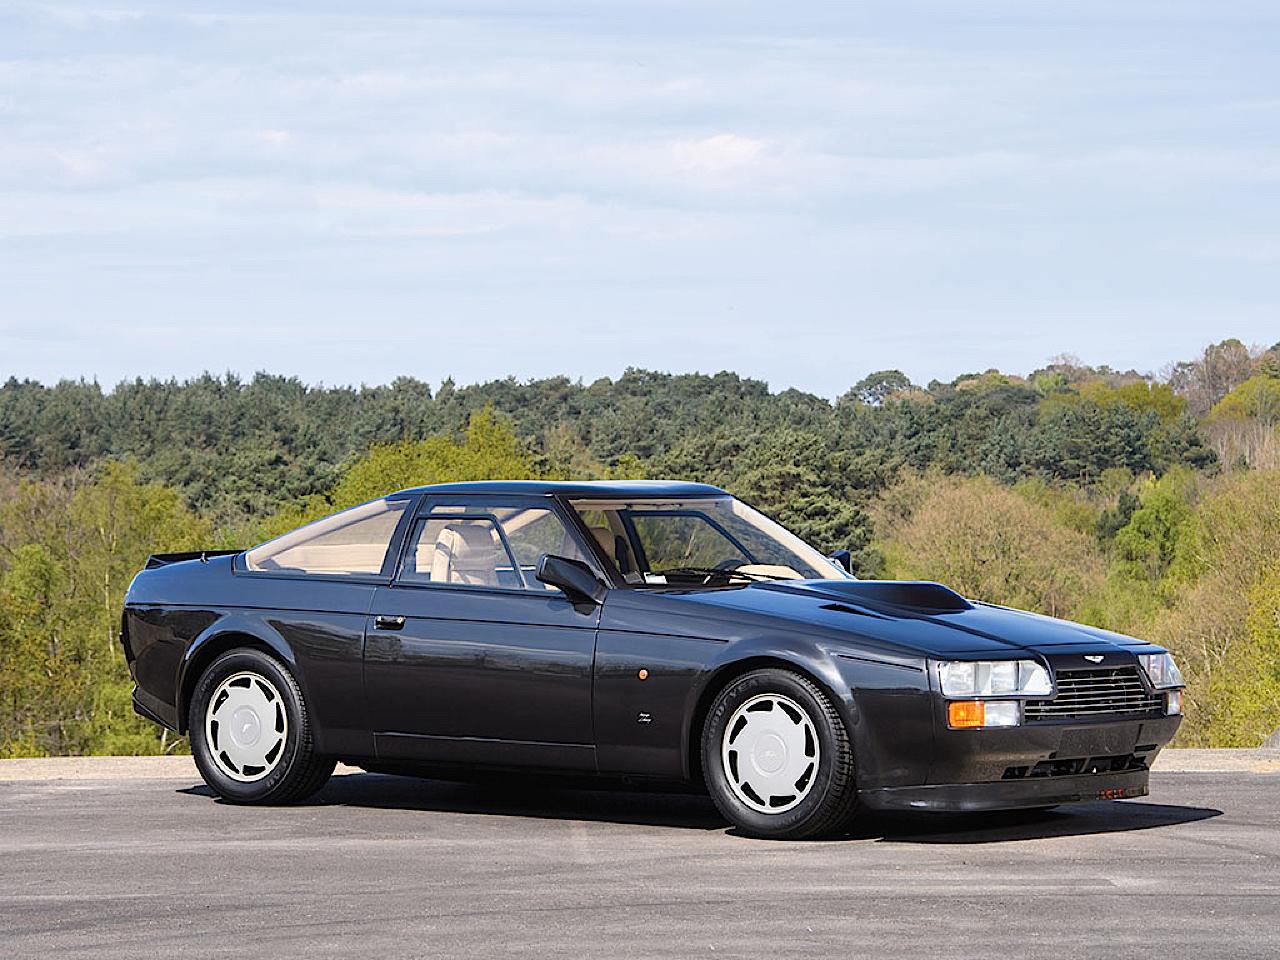 '87 Aston Martin V8 Vantage Zagato : 5